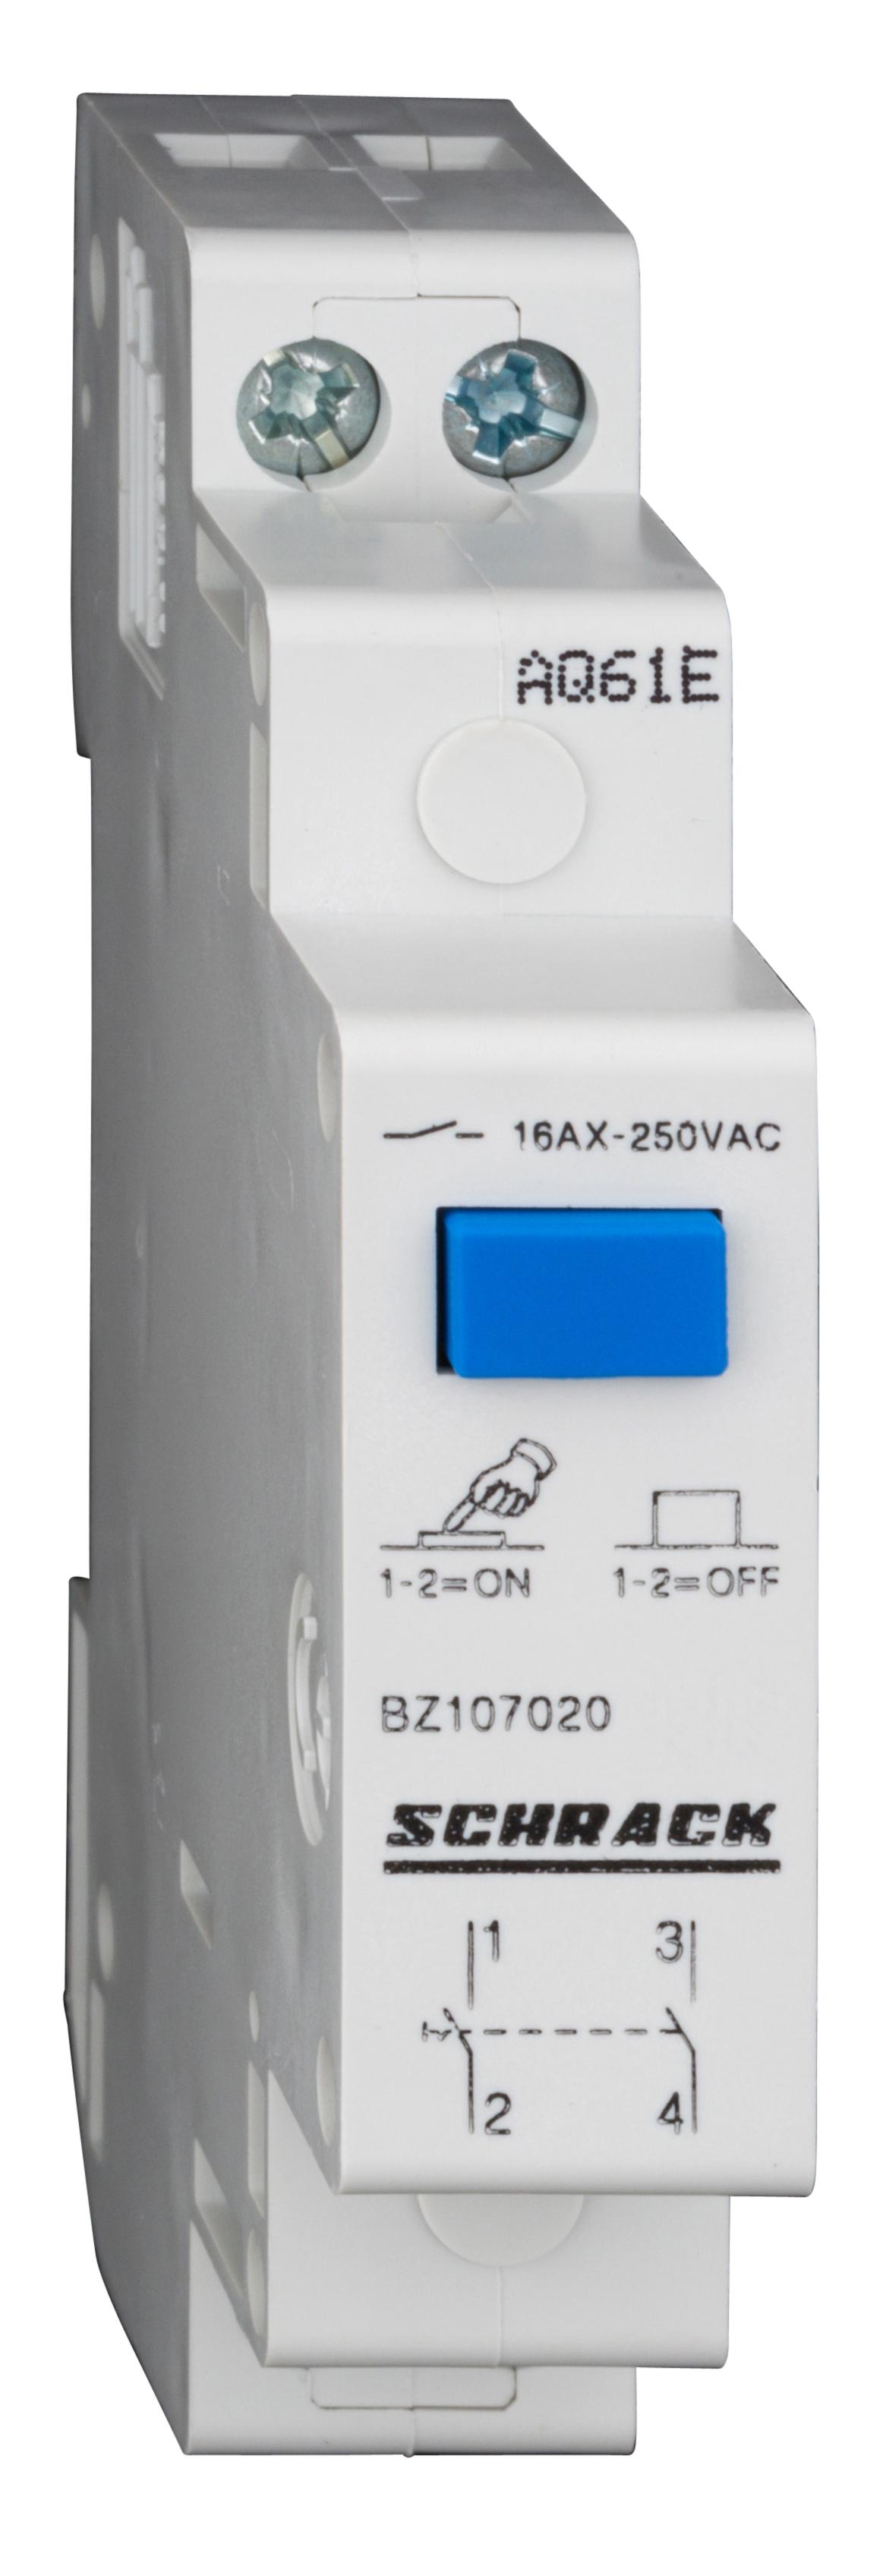 1 Stk Reiheneinbau-Schalter mit Druckknopf, 2 Schließer, 16A BZ107020--